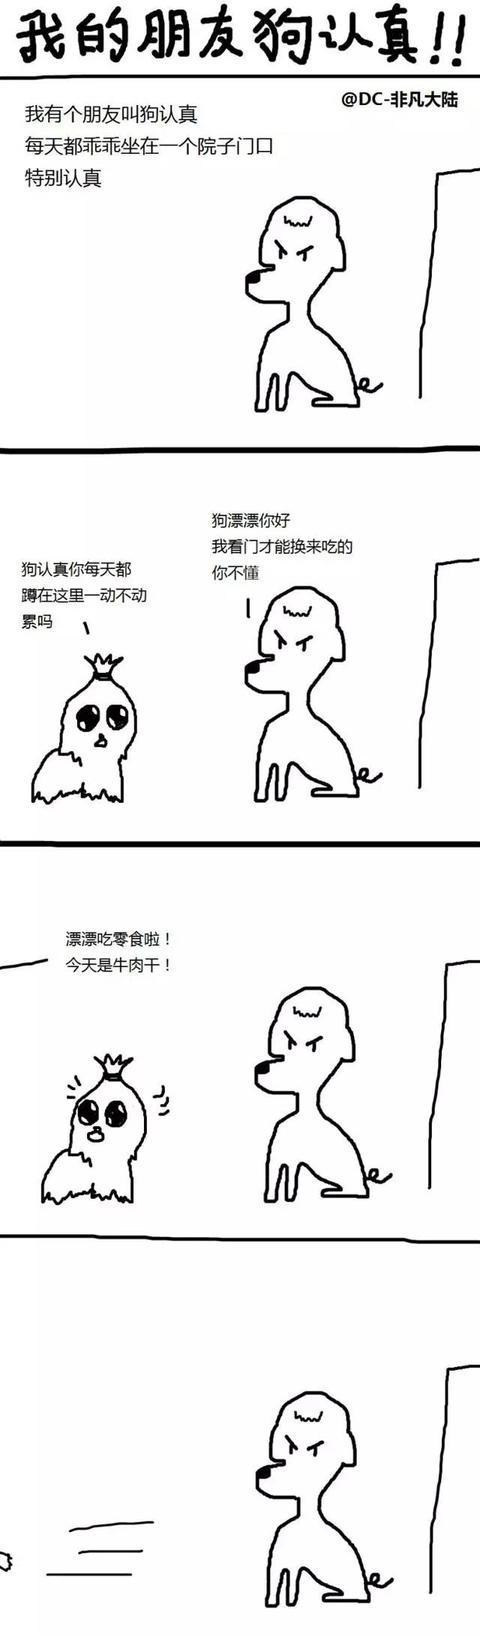 一个超催泪的漫画《狗认真》,这真是一个让人悲伤的小说